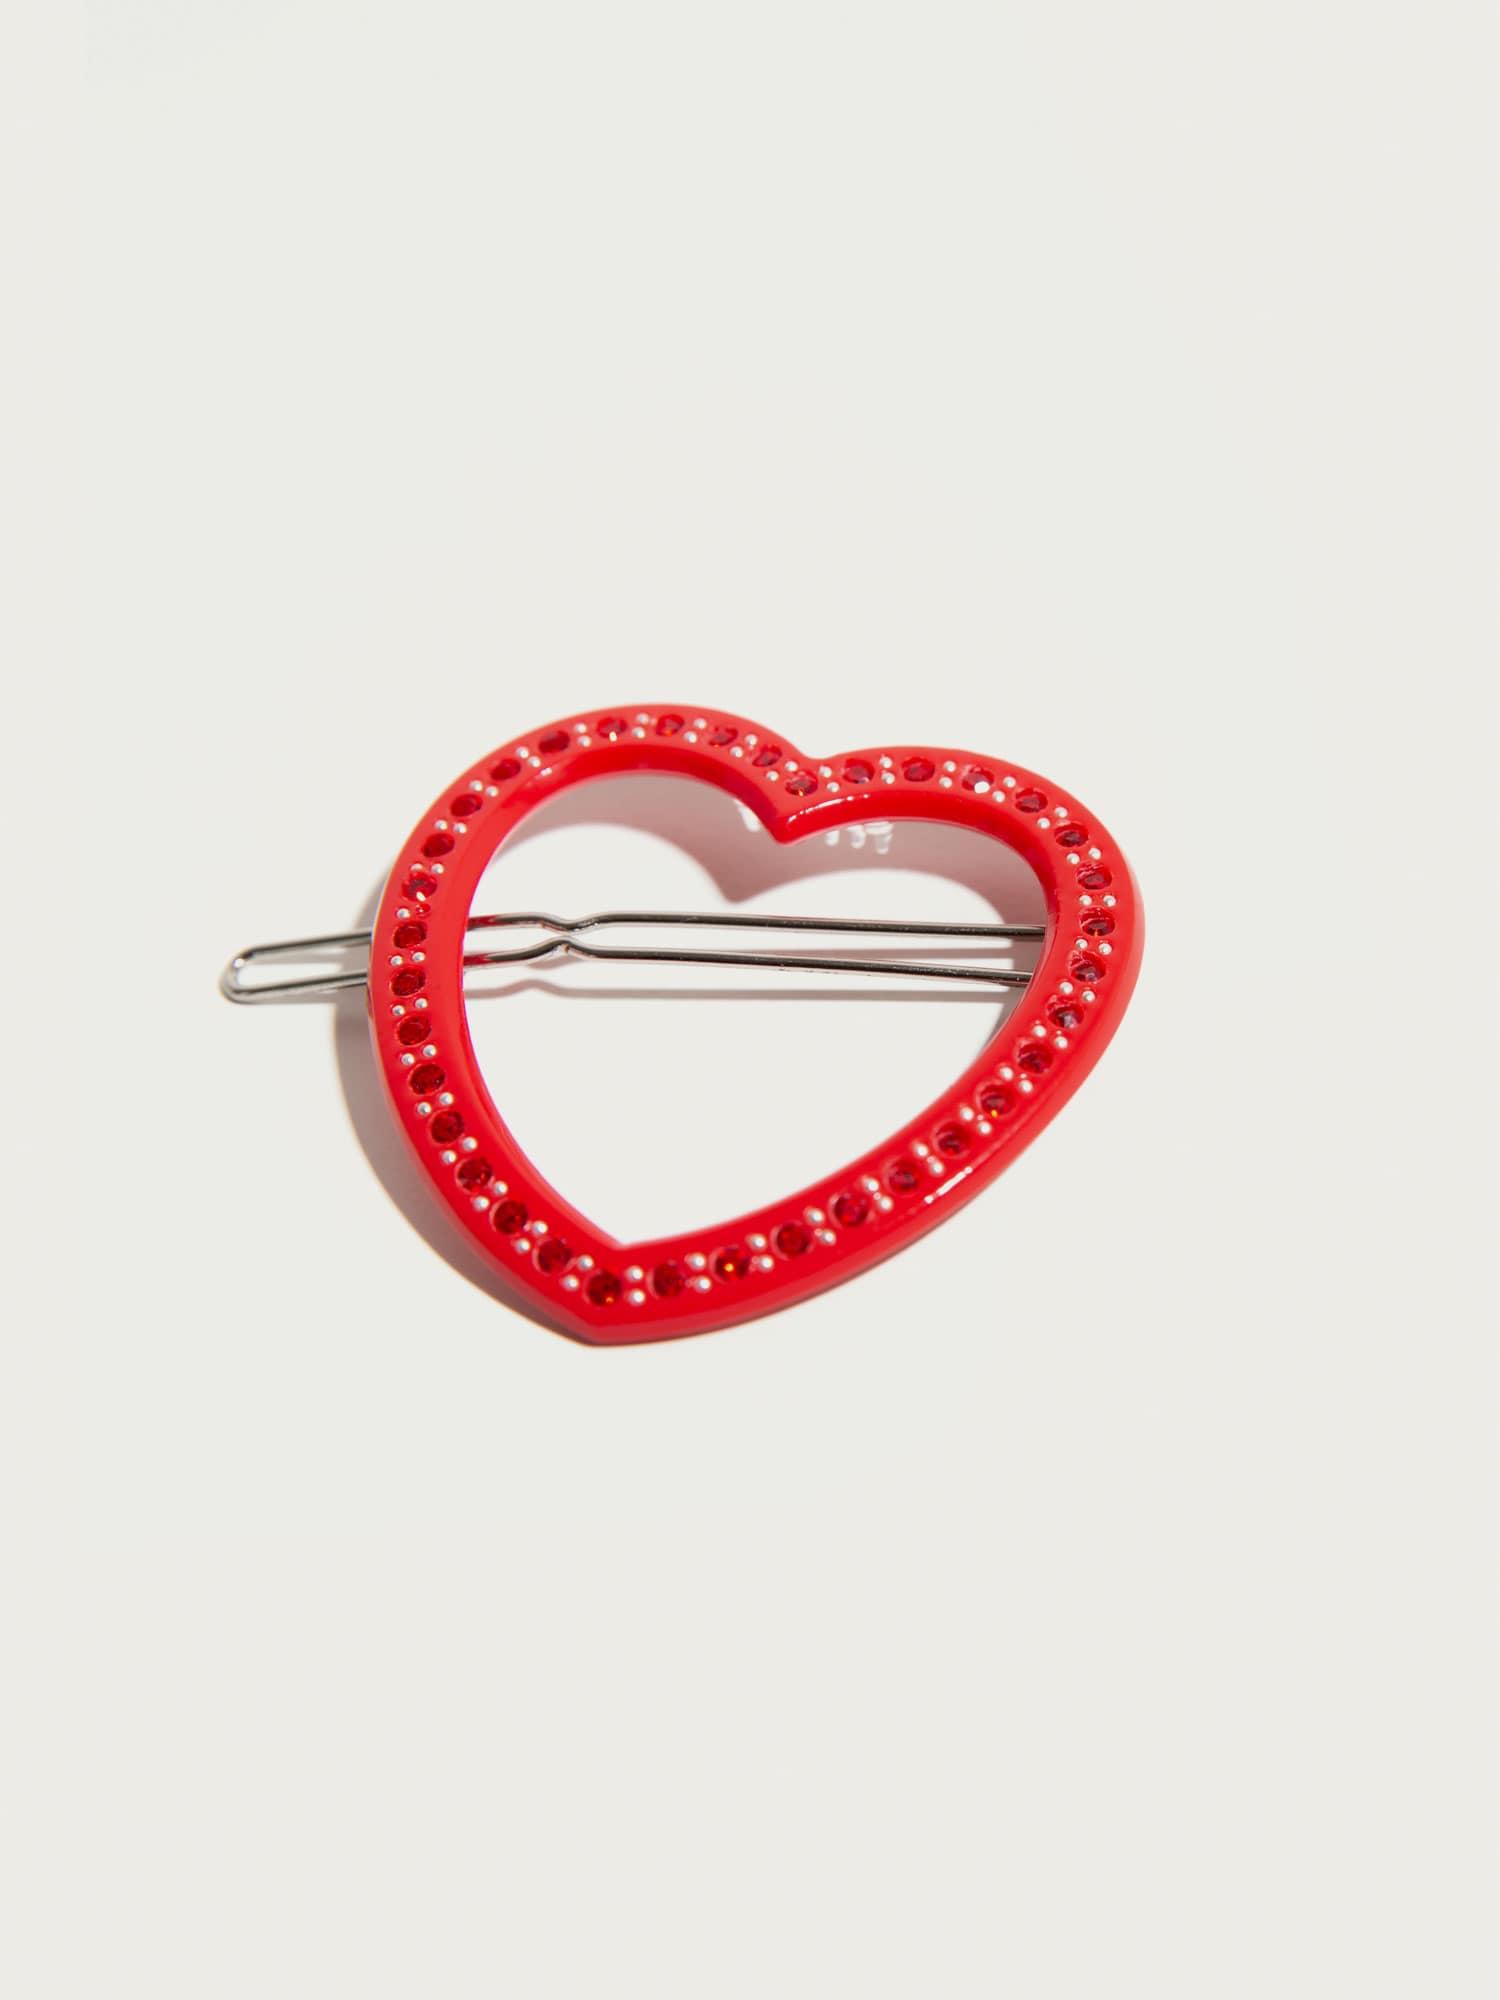 Šperky do vlasů Open Heart  červená Pico For EDITED